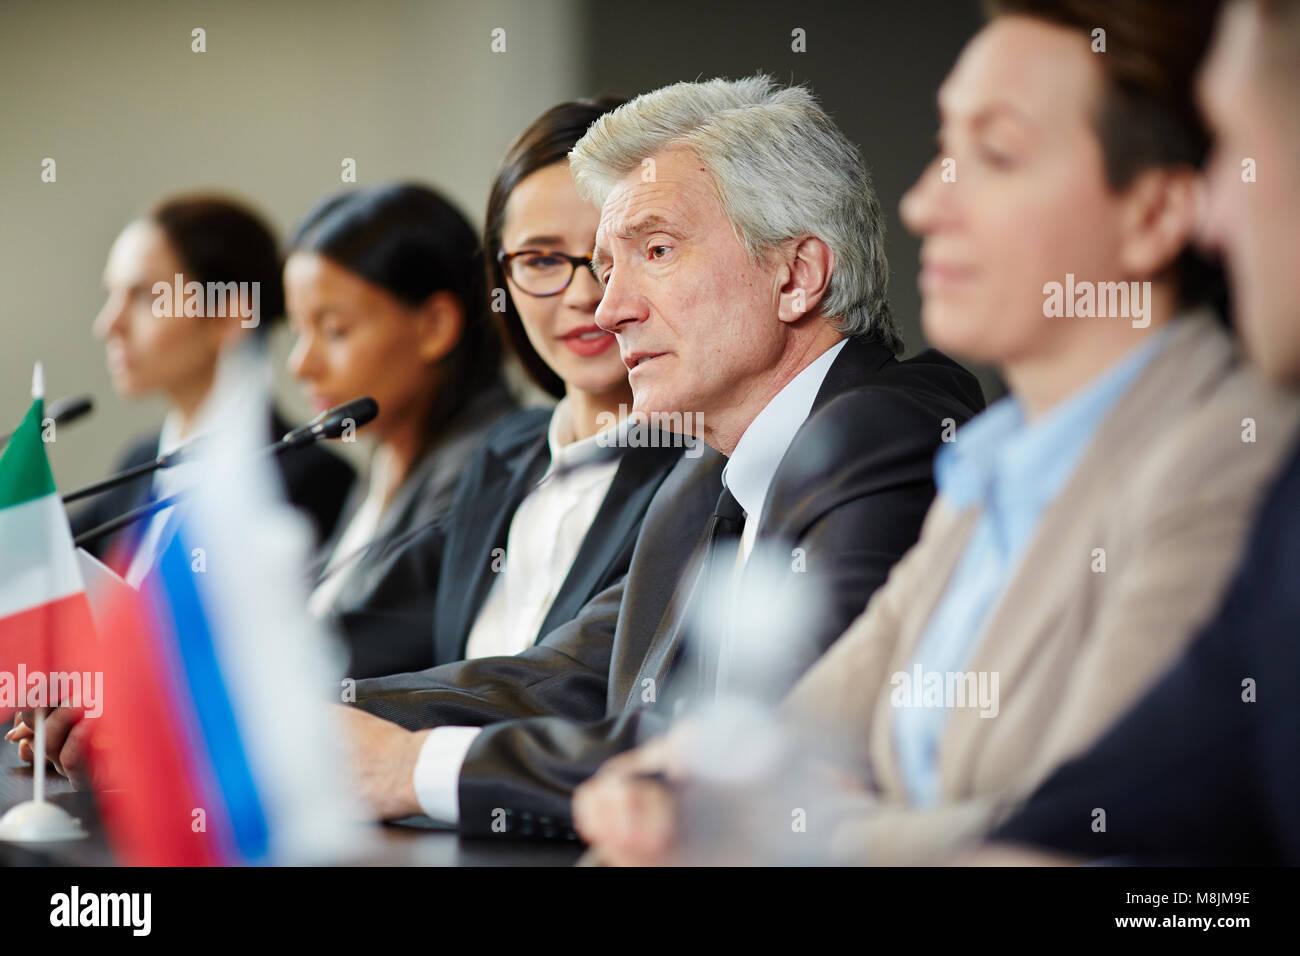 Speech at summit - Stock Image